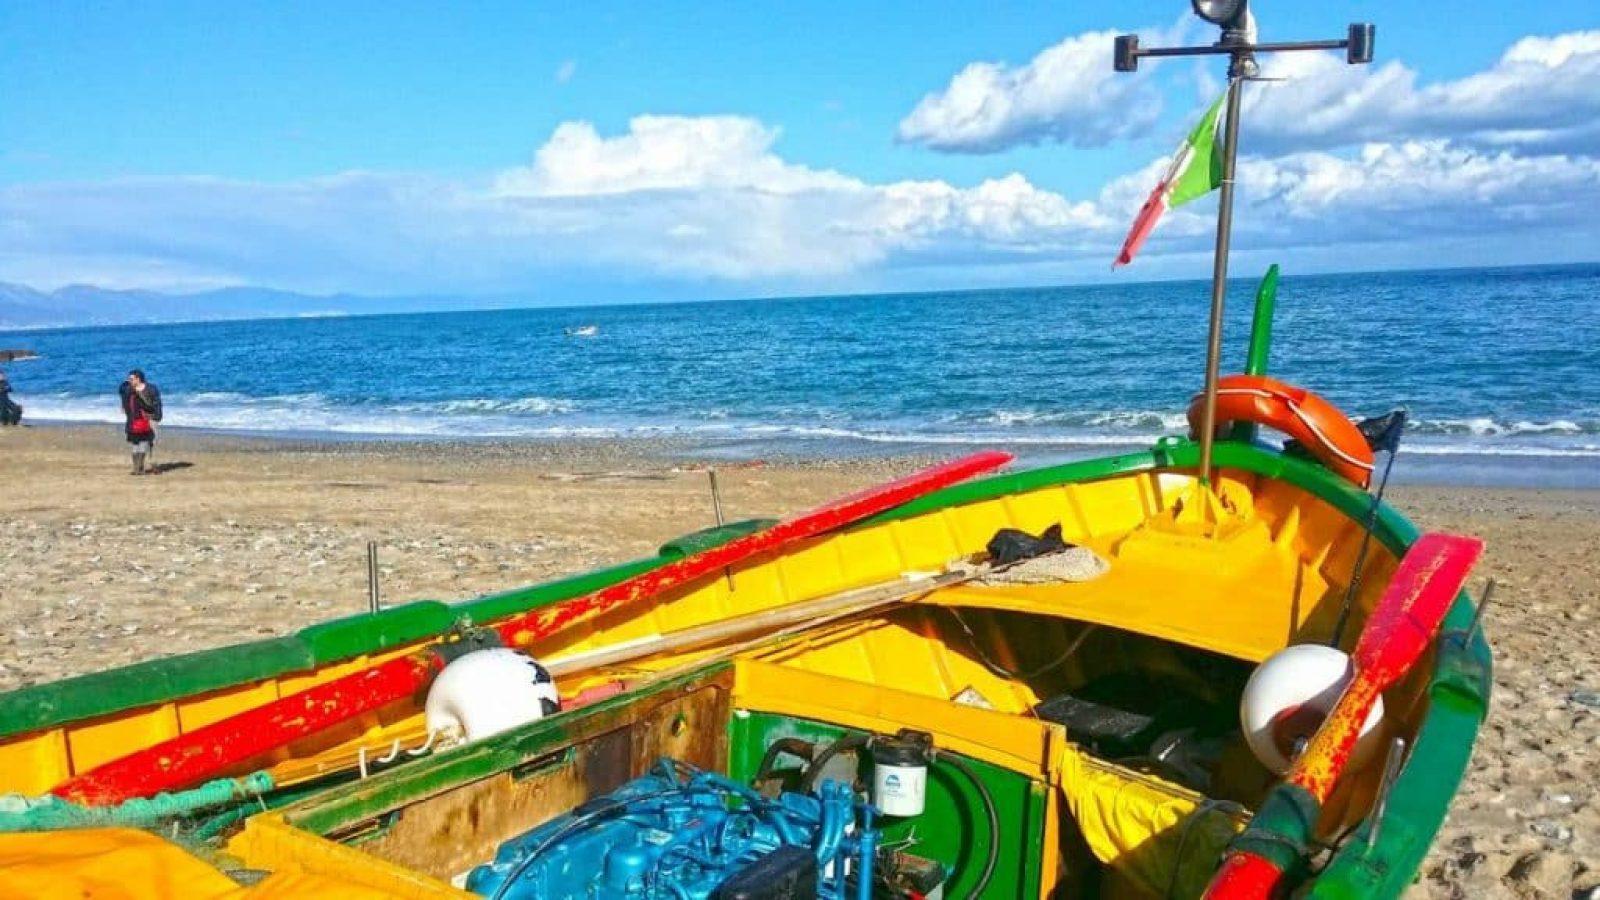 Ein buntes Fischerboot liegt am Strand. Die Wellen des Mittelmeeres gleiten über den Kiesstrand. Feriendomizile in Ligurien mieten